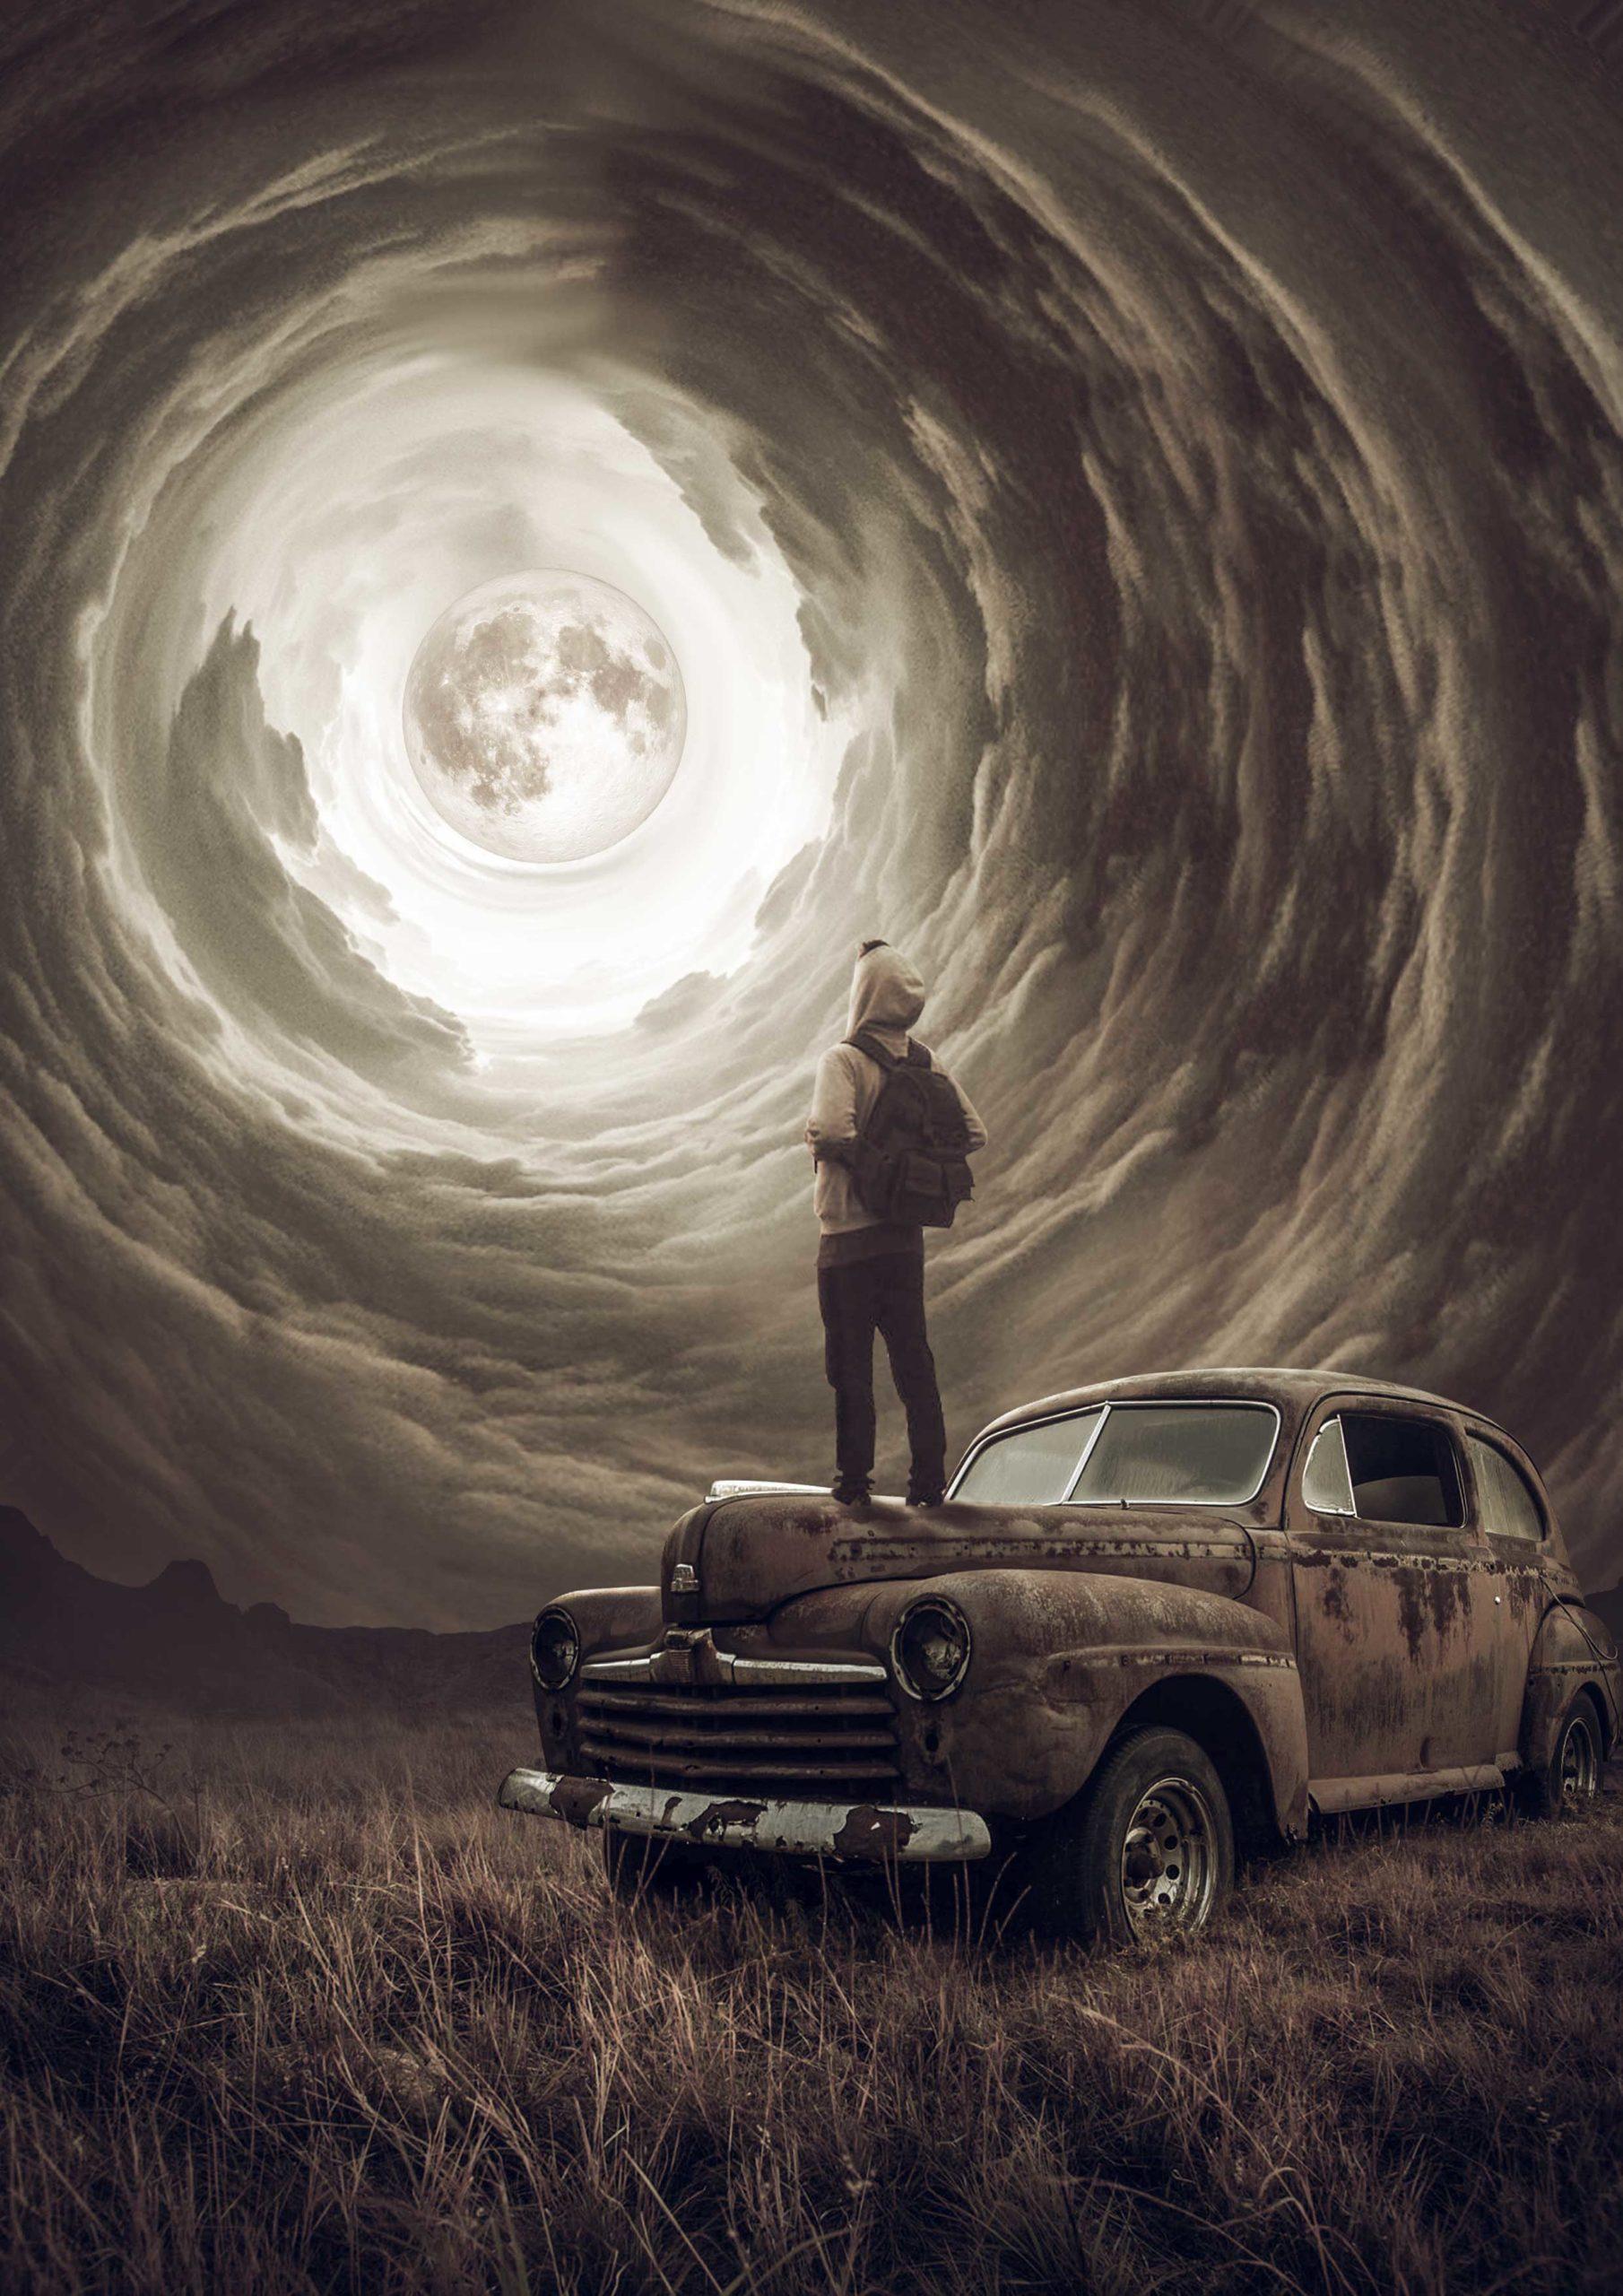 L'enfant de la lune